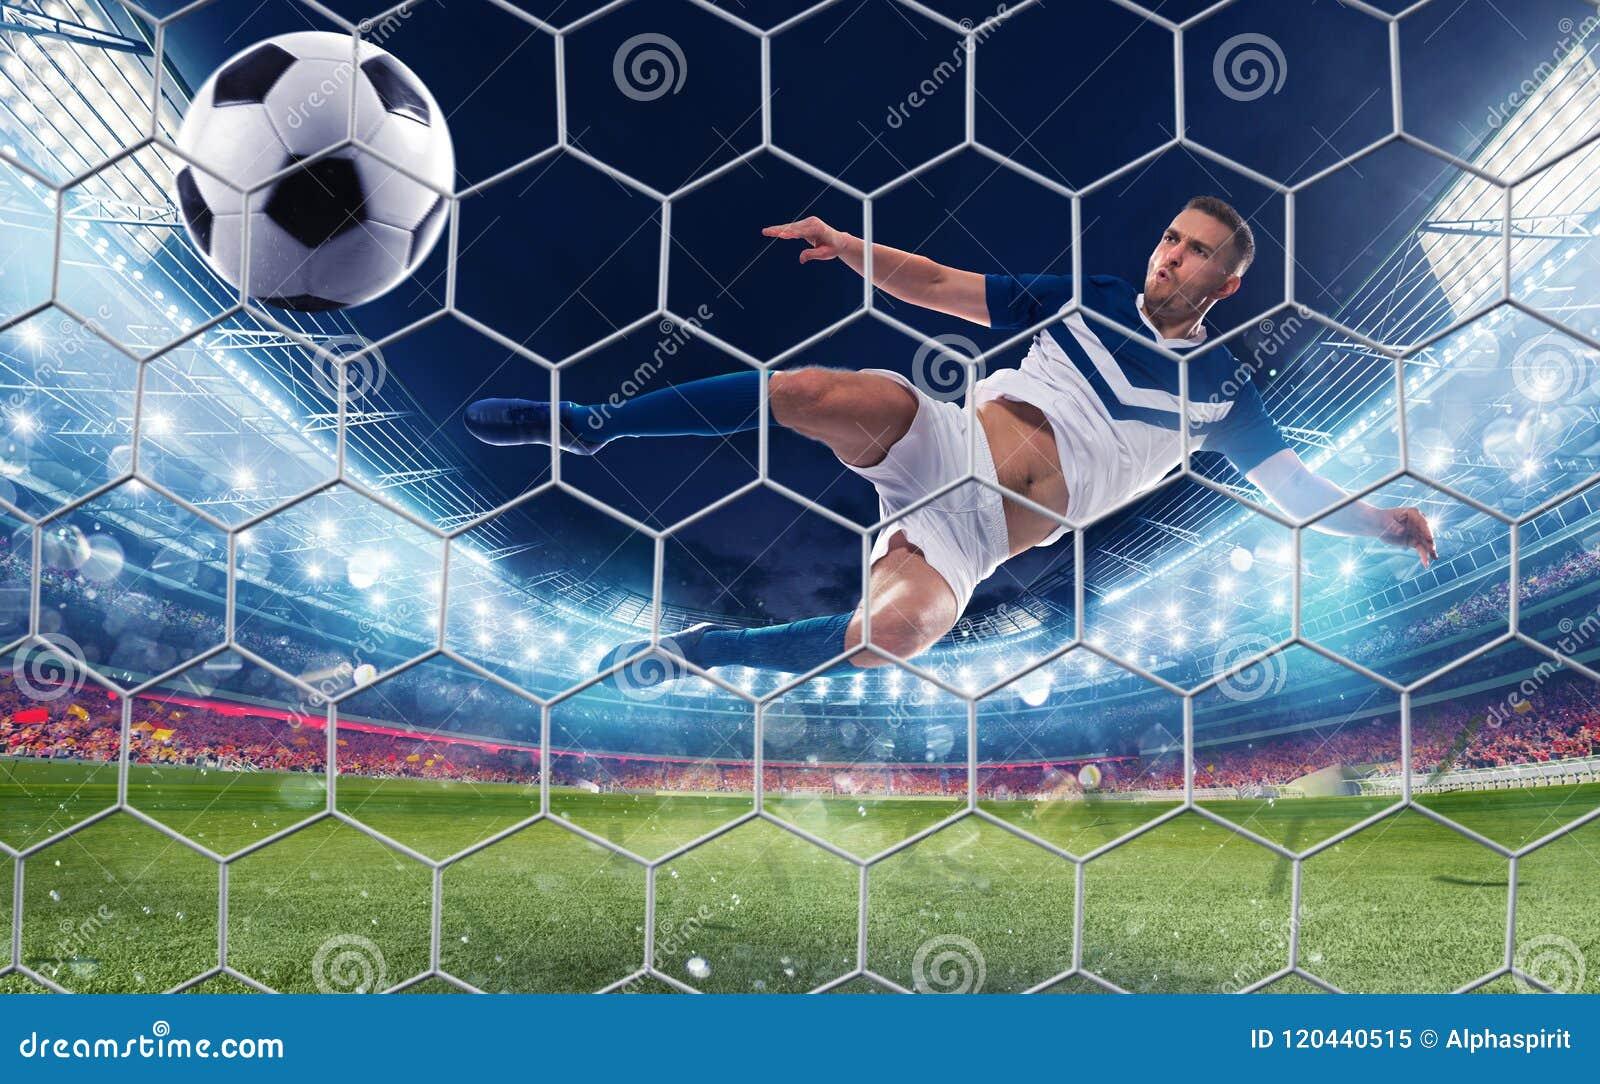 El huelguista del fútbol golpea la bola con un retroceso de salto